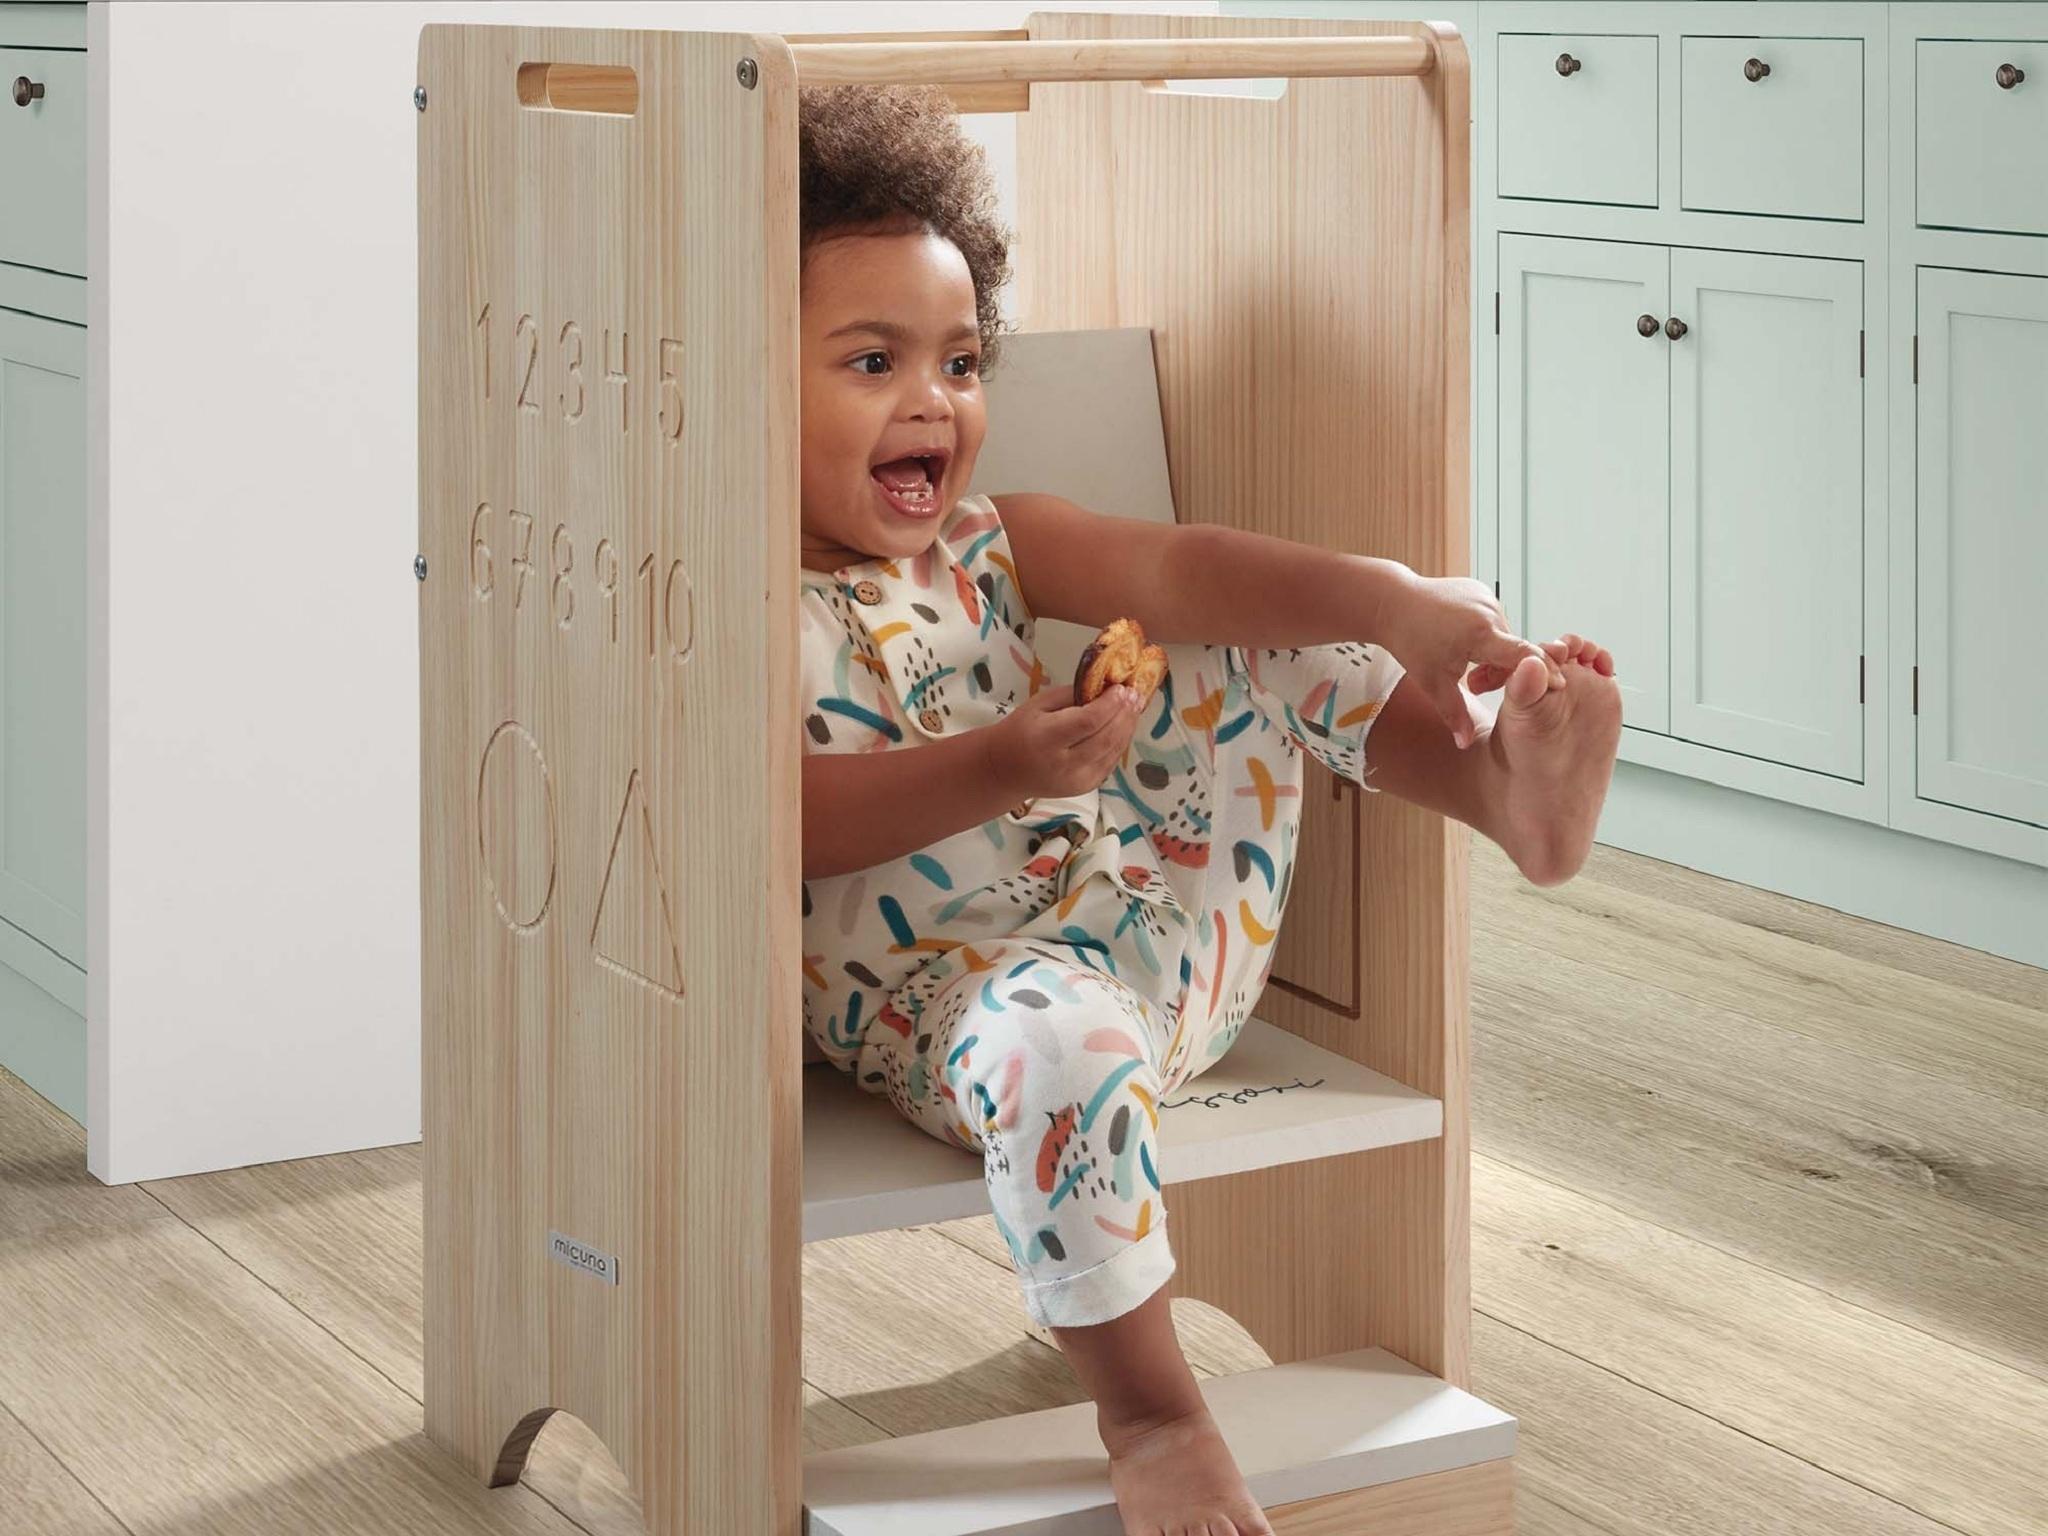 Compras, Mobiliário Sustentável, Indy Kids